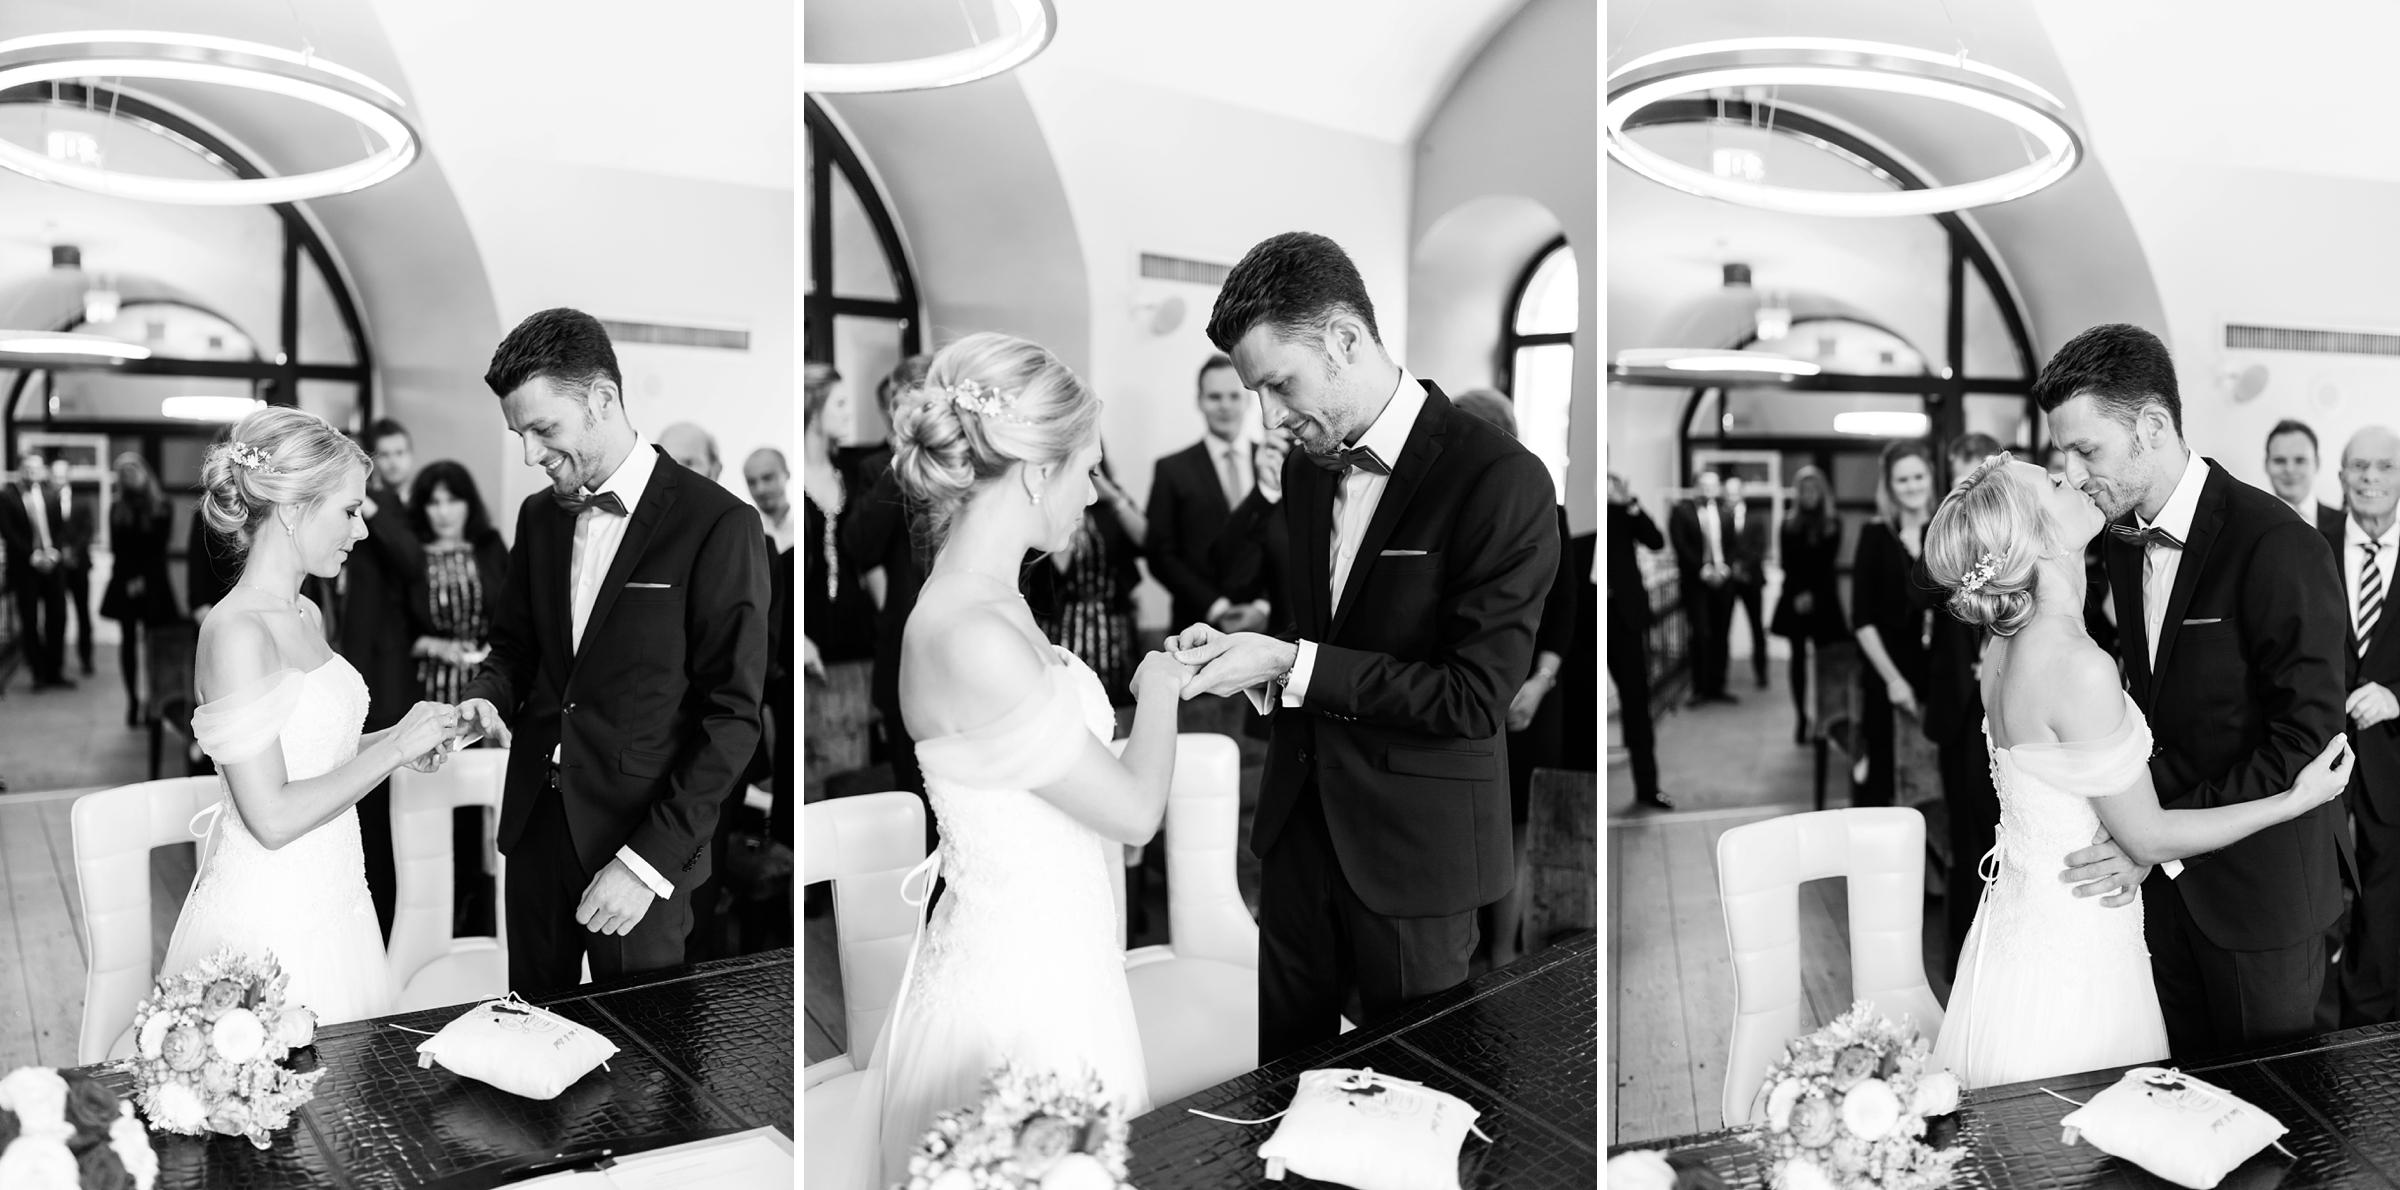 Hochzeitsfotograf-Mainz-Hyatt-SW-Ringetausch-Brautpaar